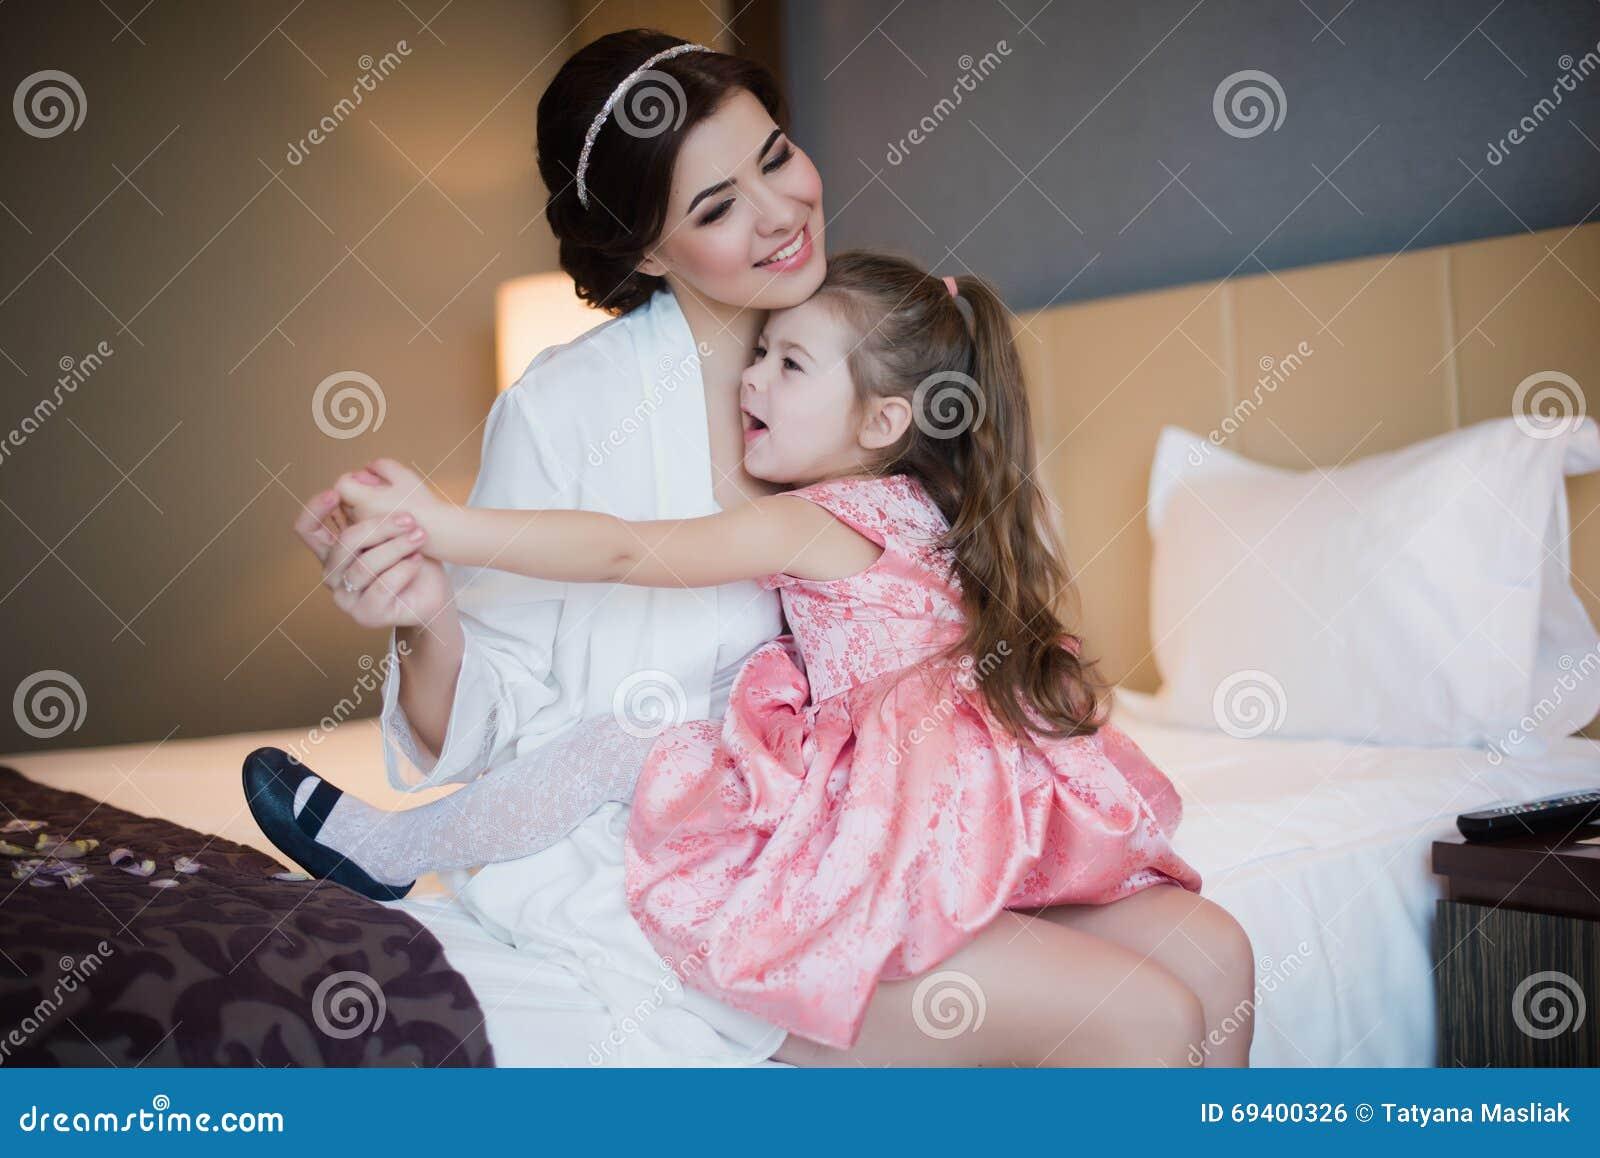 Bedroom Hug